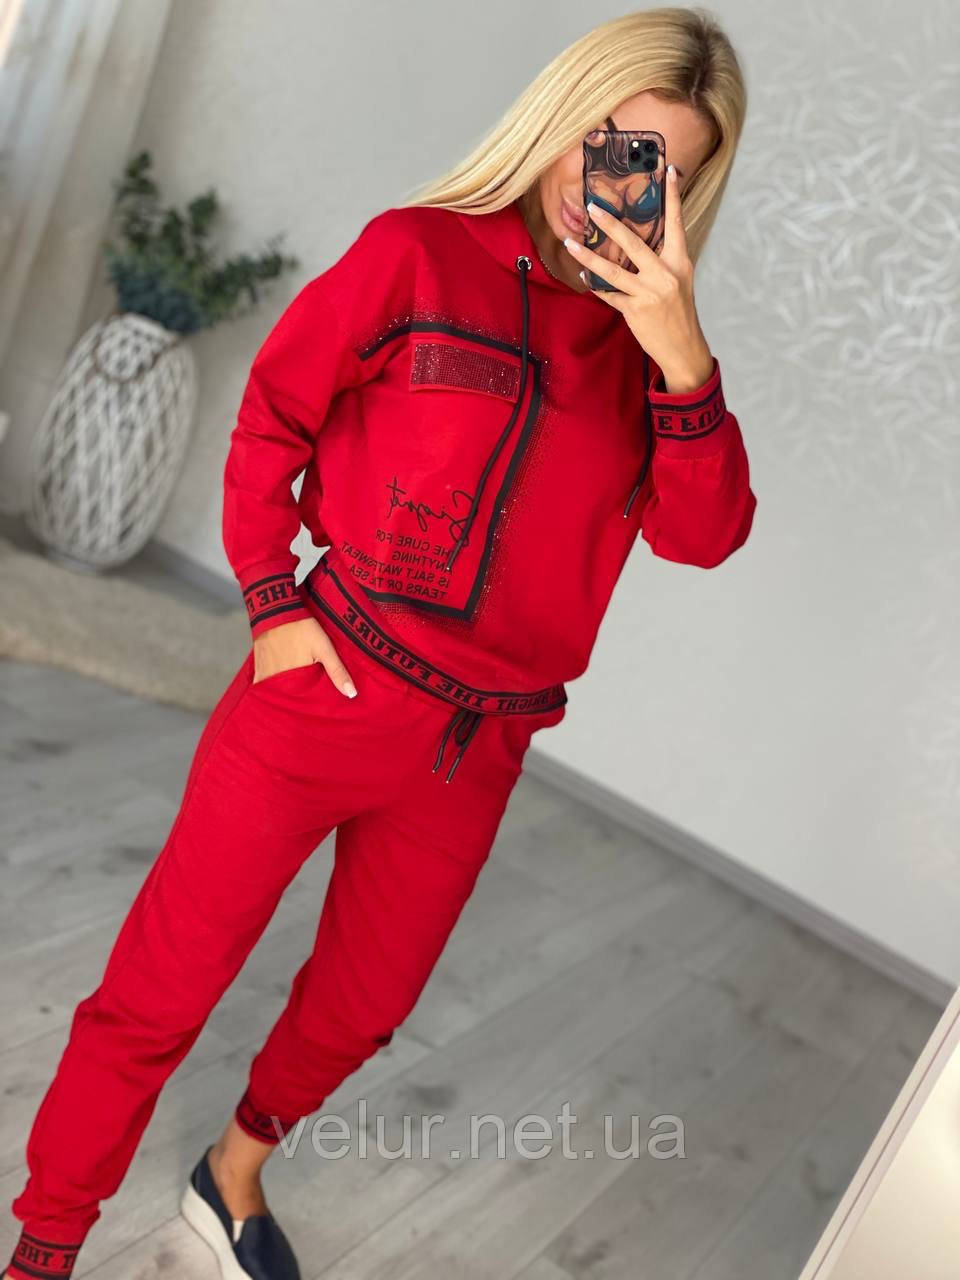 Жіночий спортивний трикотажний костюм, (Туреччина); Розміри:50,52,54,56 (наші повномірні) Колір: чорний, червоний.